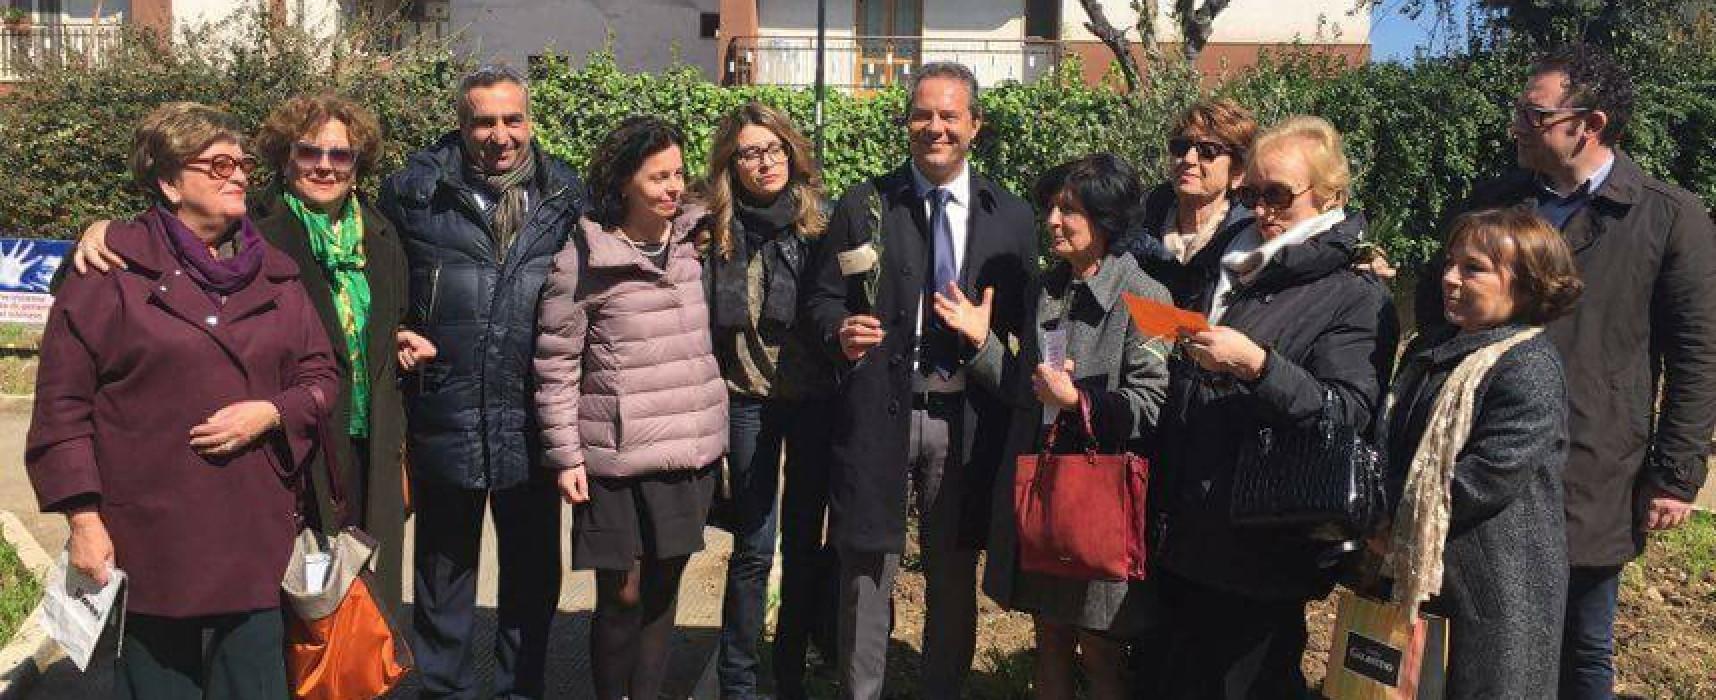 Fidapa pianta un ulivo in piazza 8 marzo per omaggiare le donne